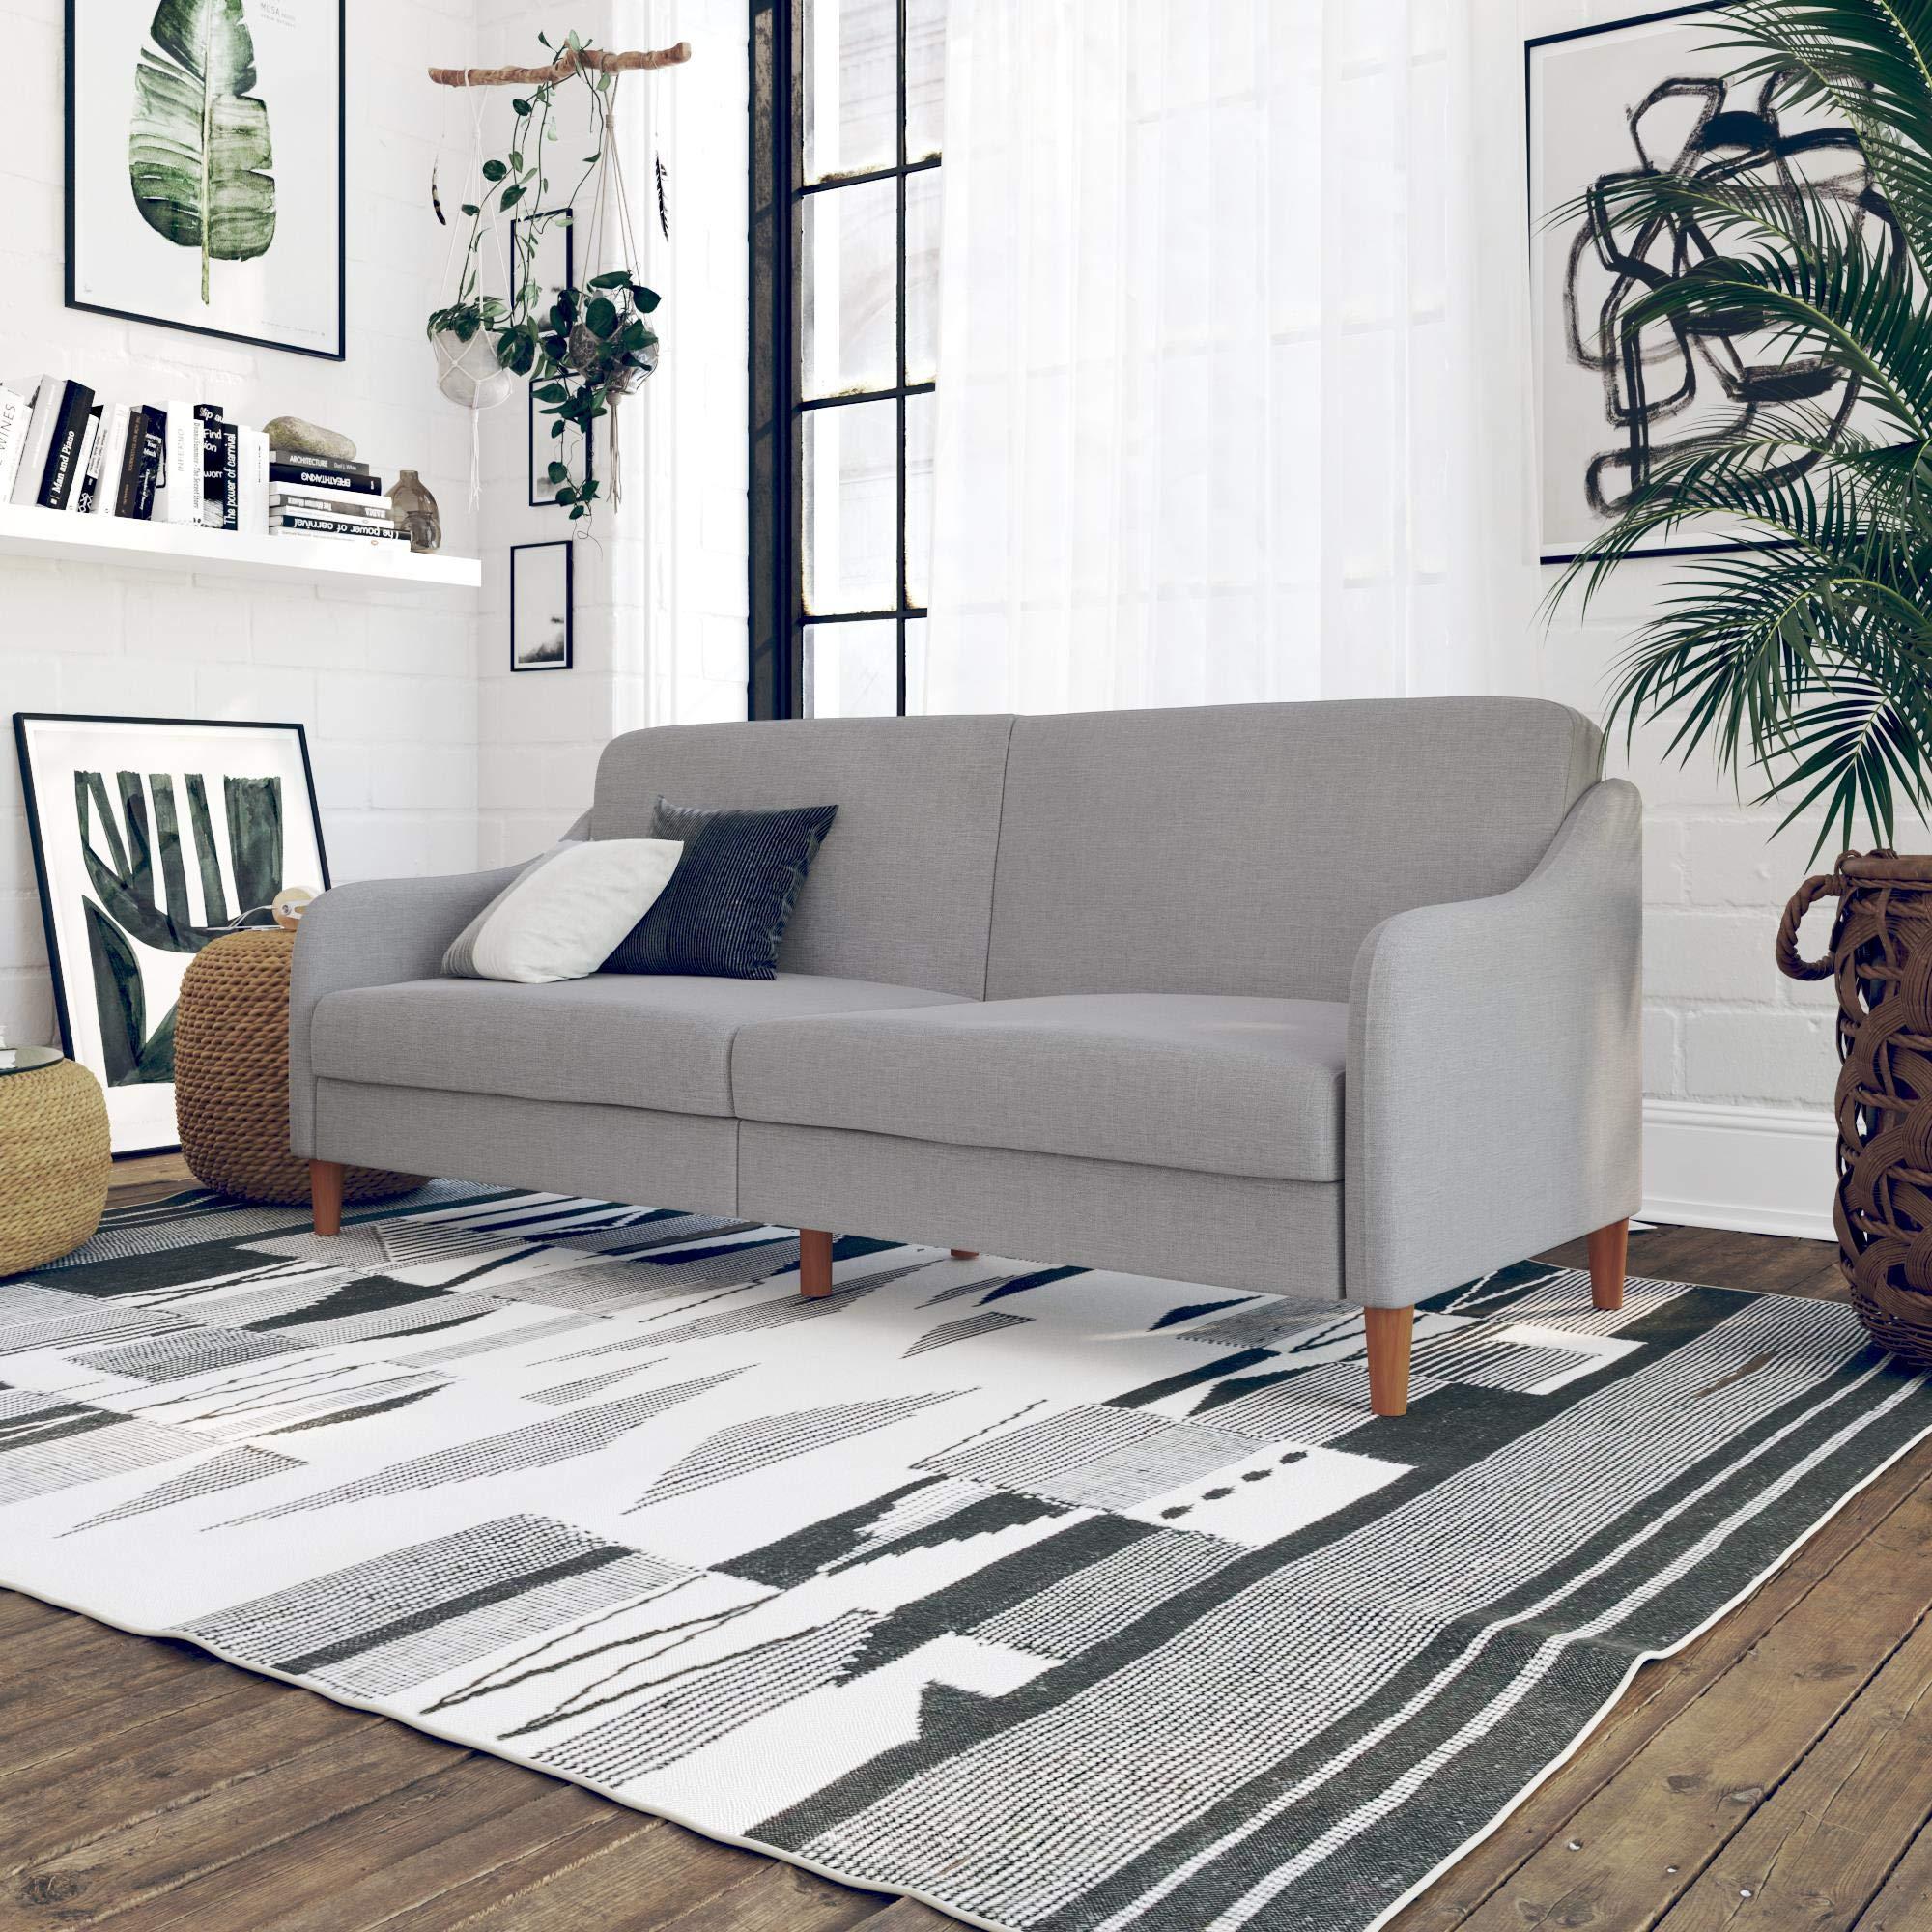 DHP Jasper Upholstered Coil Futon, Light Gray by DHP